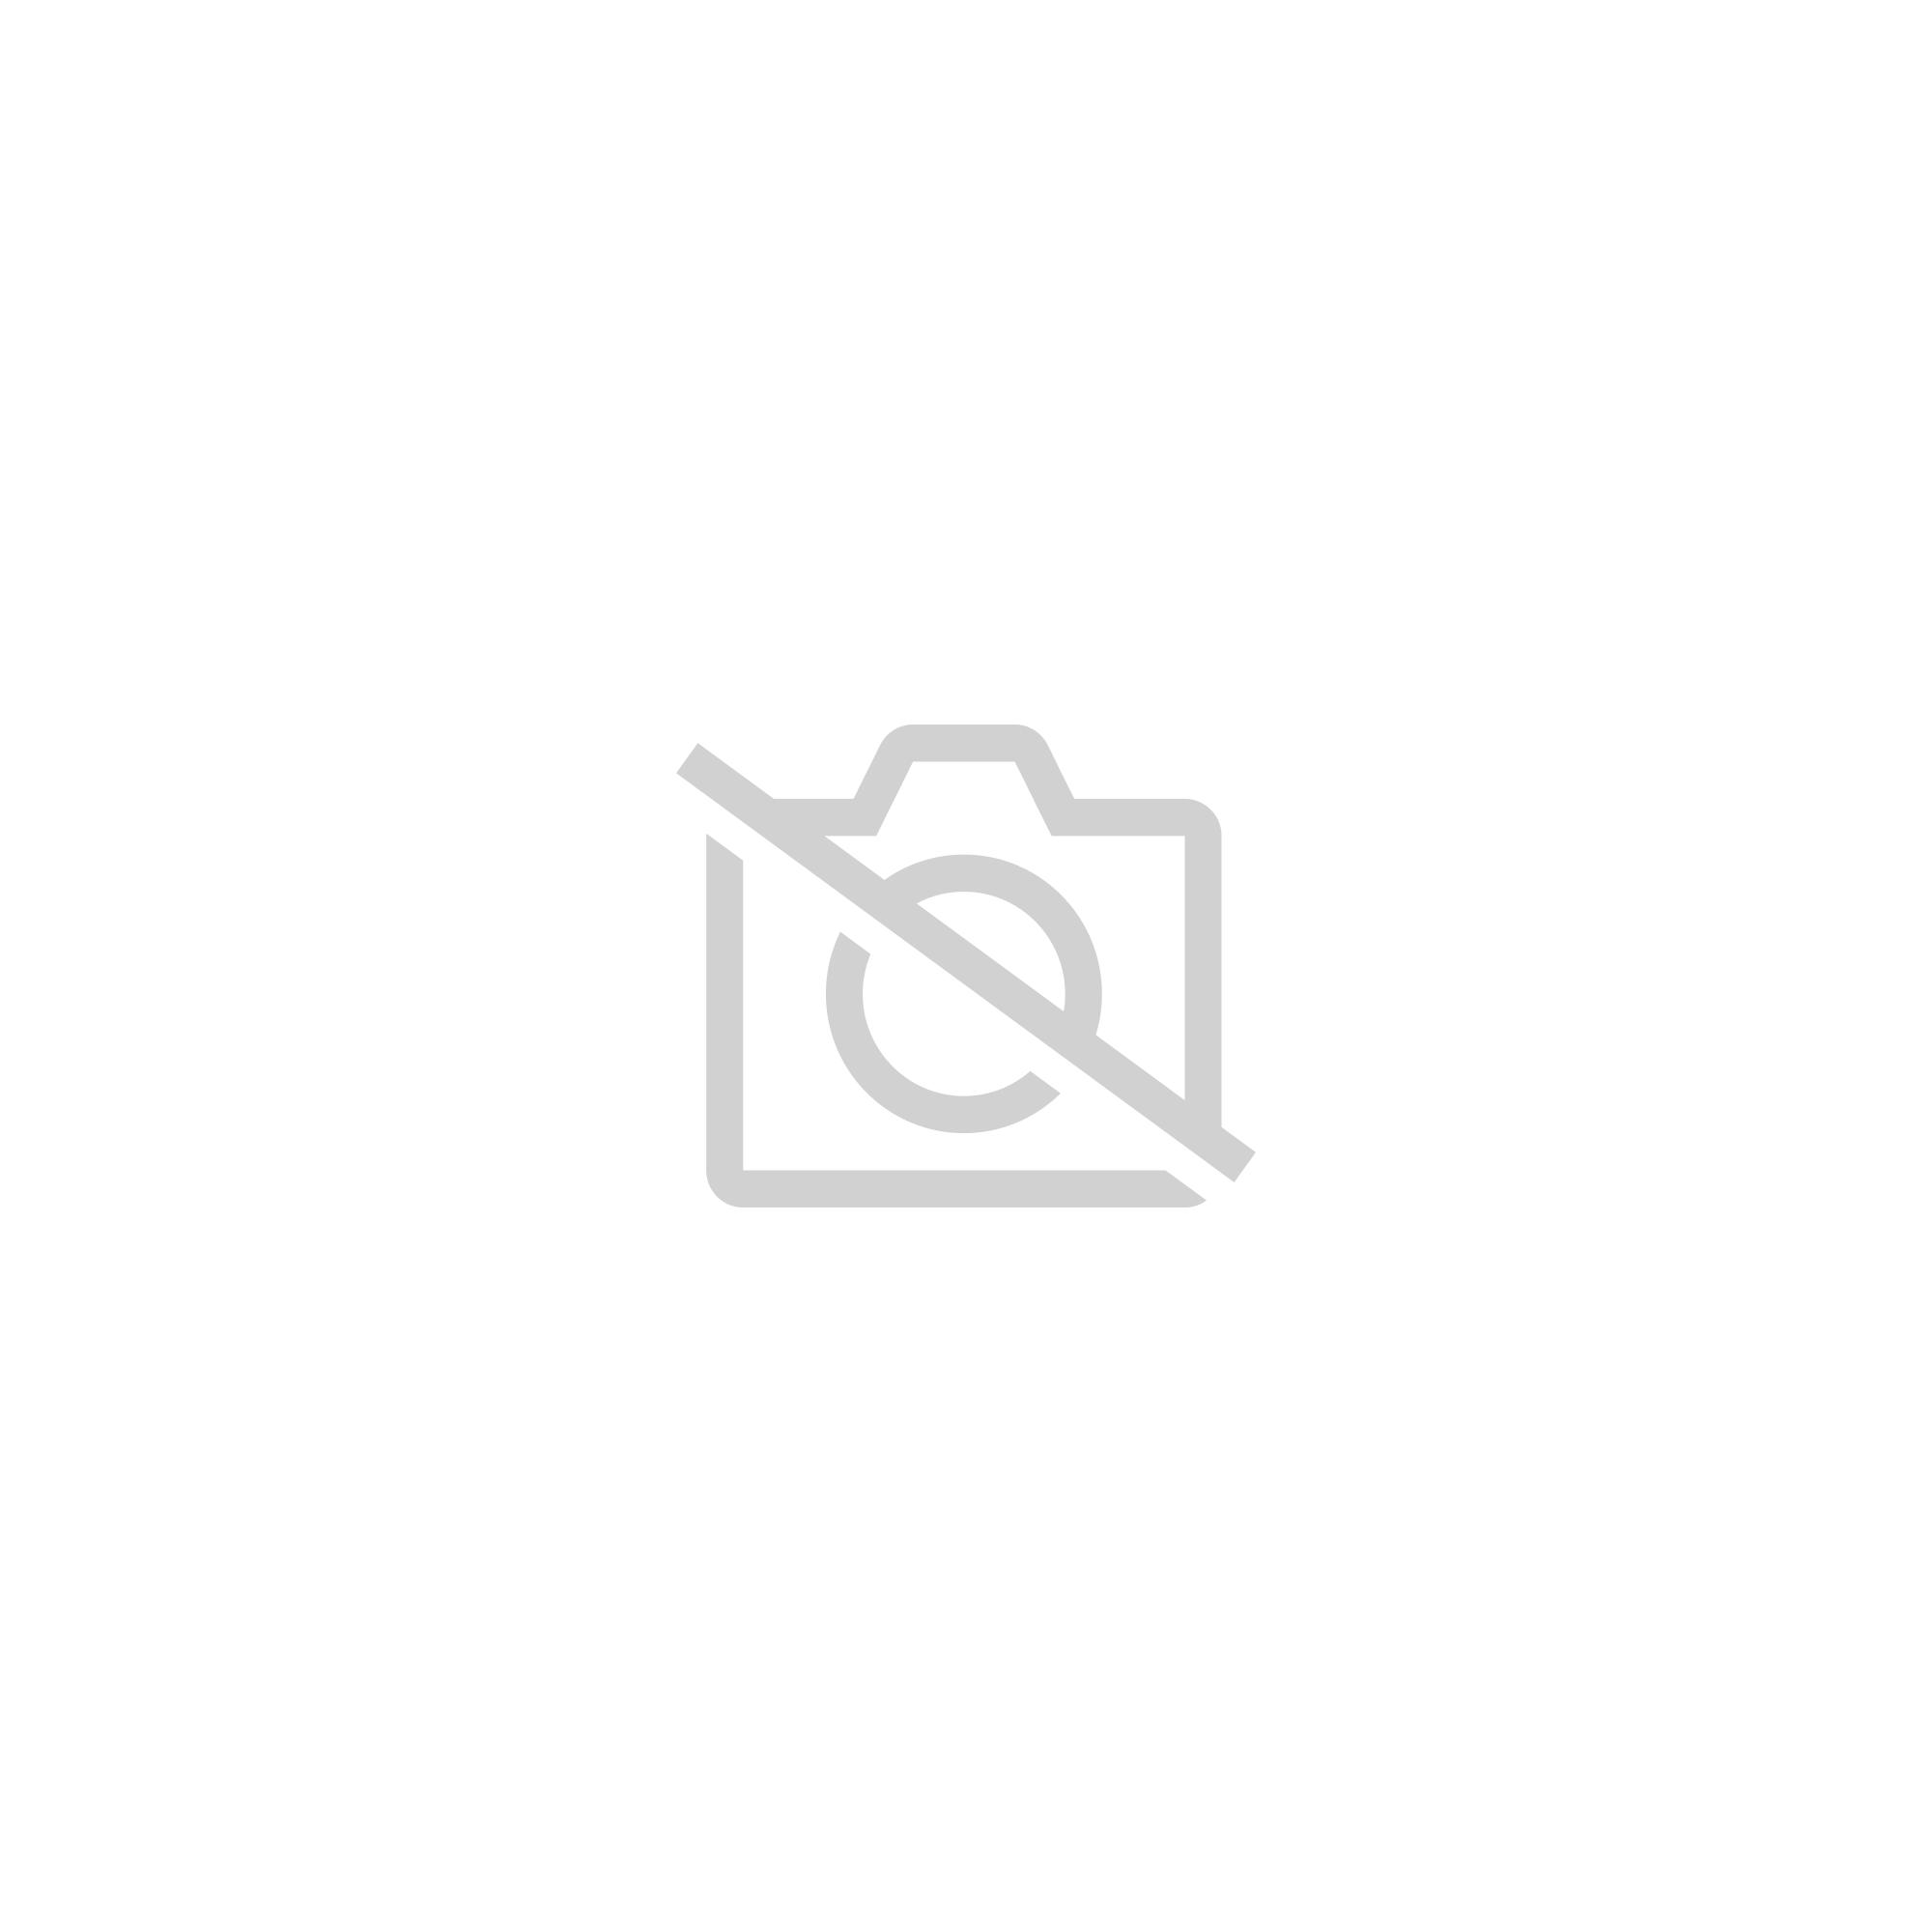 Deguisement Bebe Poups Baby Rose Taille 3840 Ou 4244 Femme Insolite Et Cocasse, Soiree Deguisee. Costume Qui Comprend Une Tunique, Un Pantalon Et Une Coiffe . Sans Accessoires . Demandez